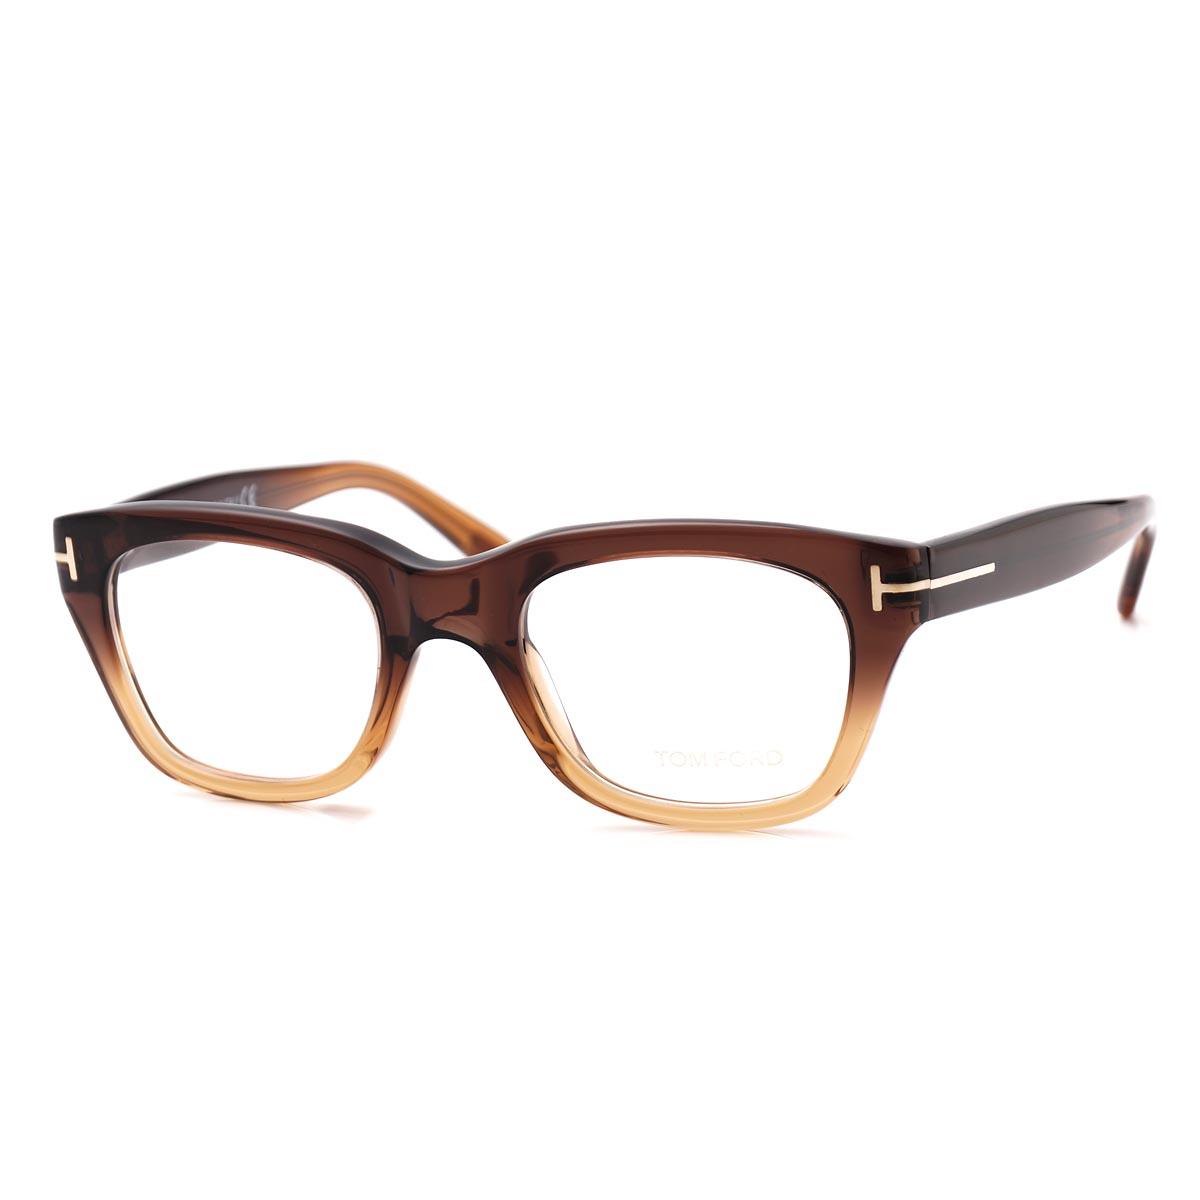 トムフォード TOM FORD 眼鏡 メガネ ブラウン メンズ フレーム ft5178 050 TF5178 ウェリントン【あす楽対応_関東】【ラッピング無料】【返品送料無料】【180601】